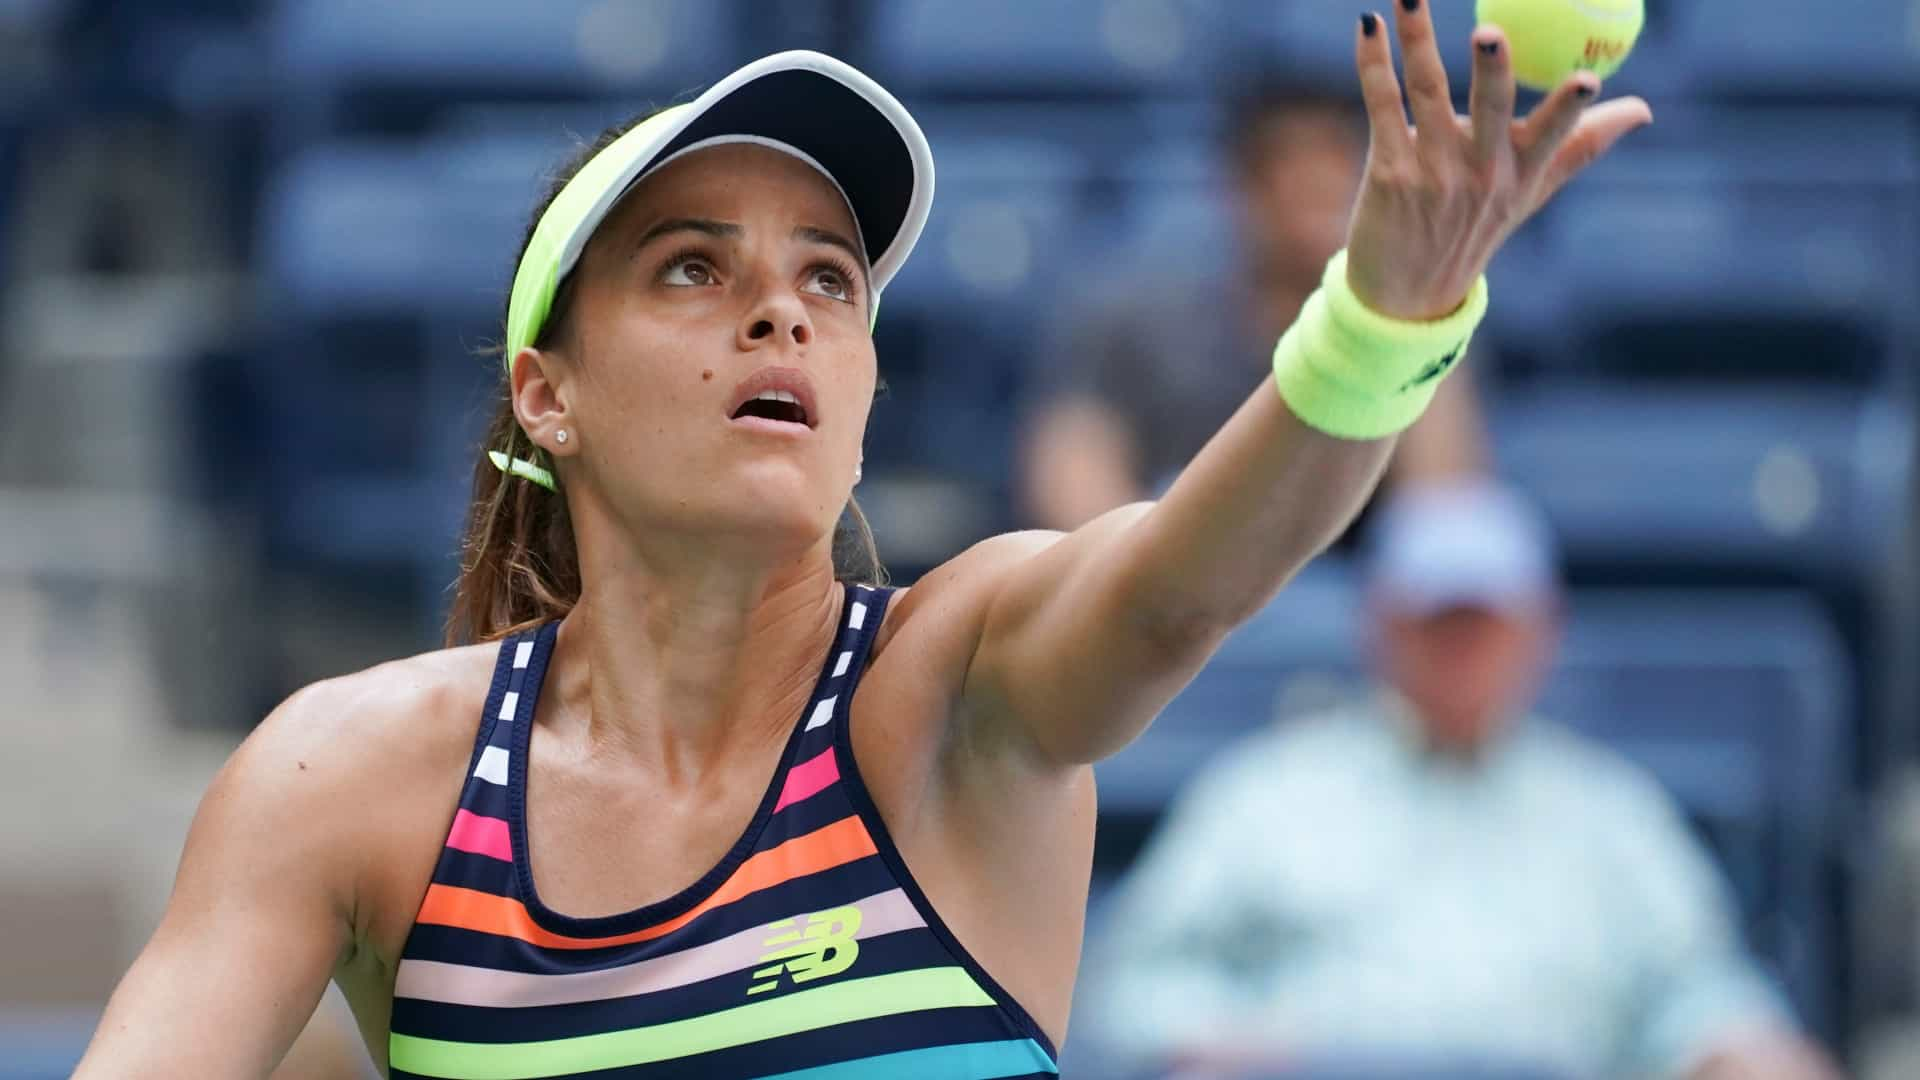 naom 5cdac4b01680b - Fora de Roland Garros, Nicole Gibbs revela que está com câncer